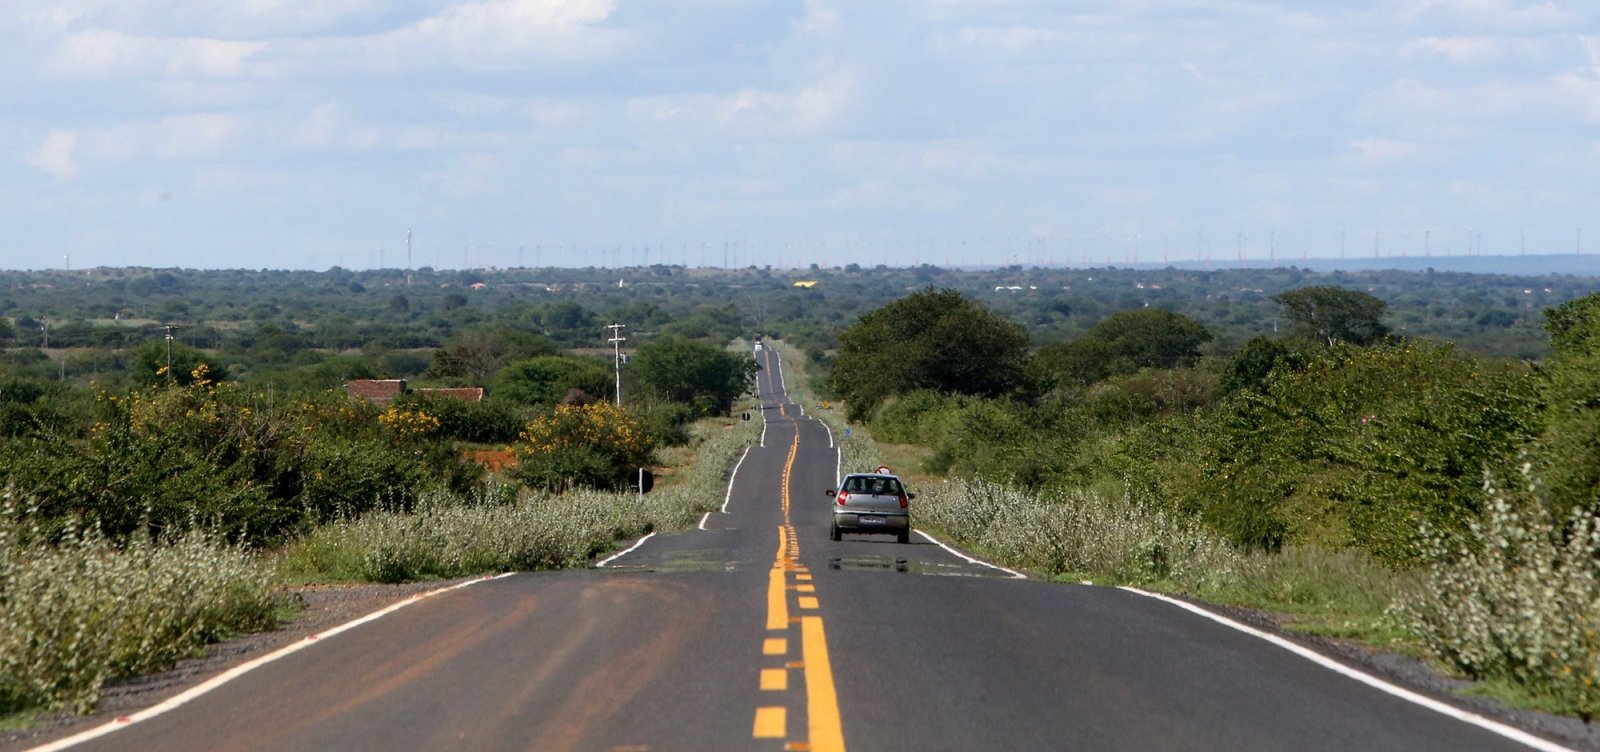 [Número de acidentes cai 31% nas estradas baianas no período do Réveillon]